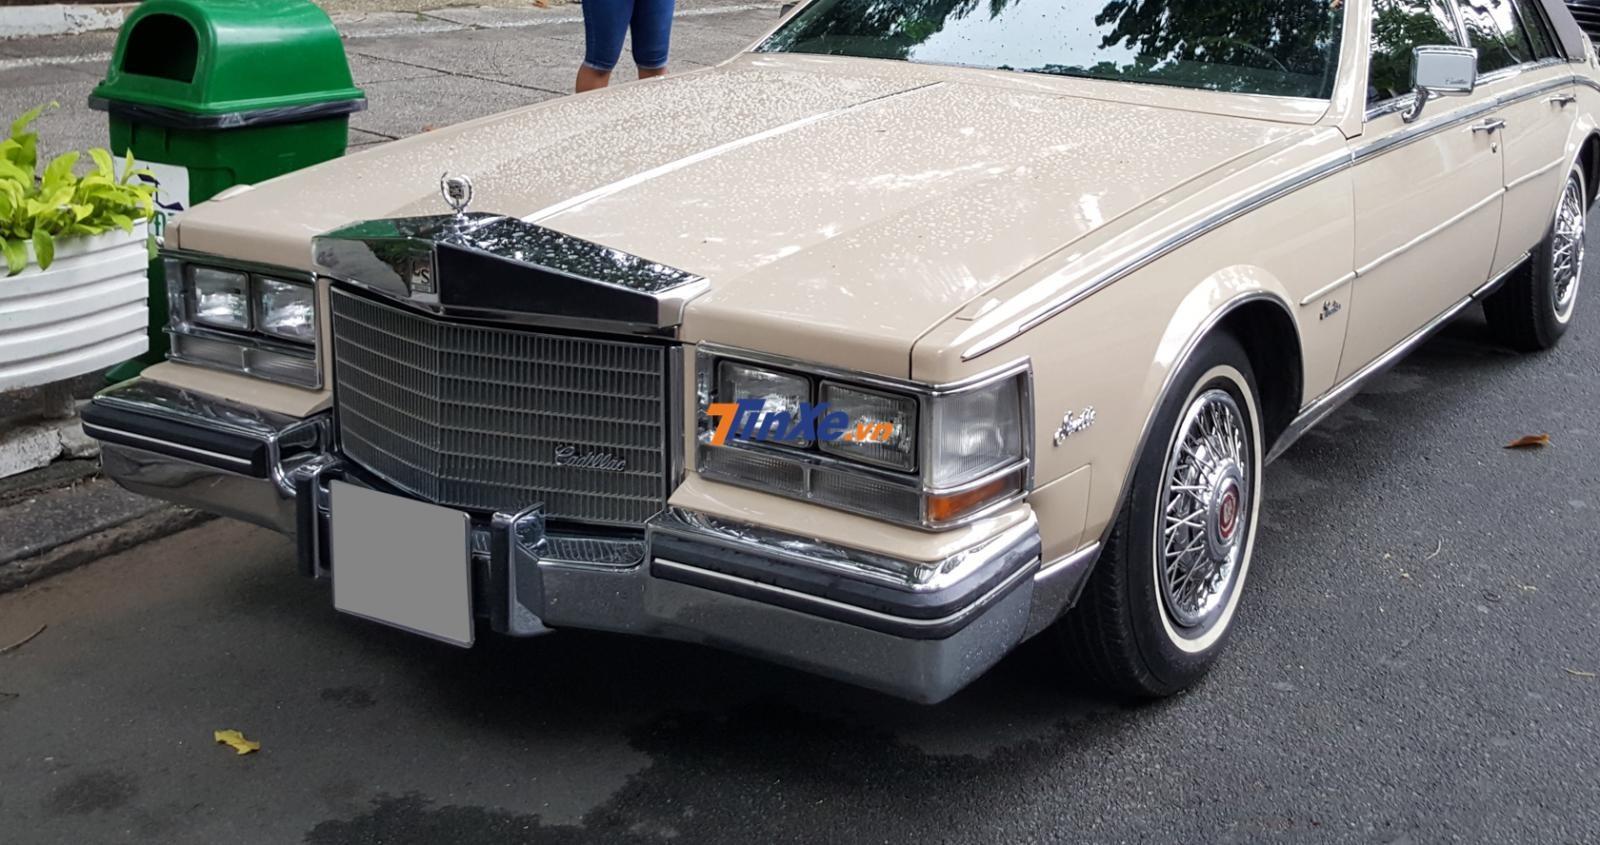 Phía trên nắp capô là một tấm ốp inox bao gồm tên xe và logo quen thuộc của Cadillac